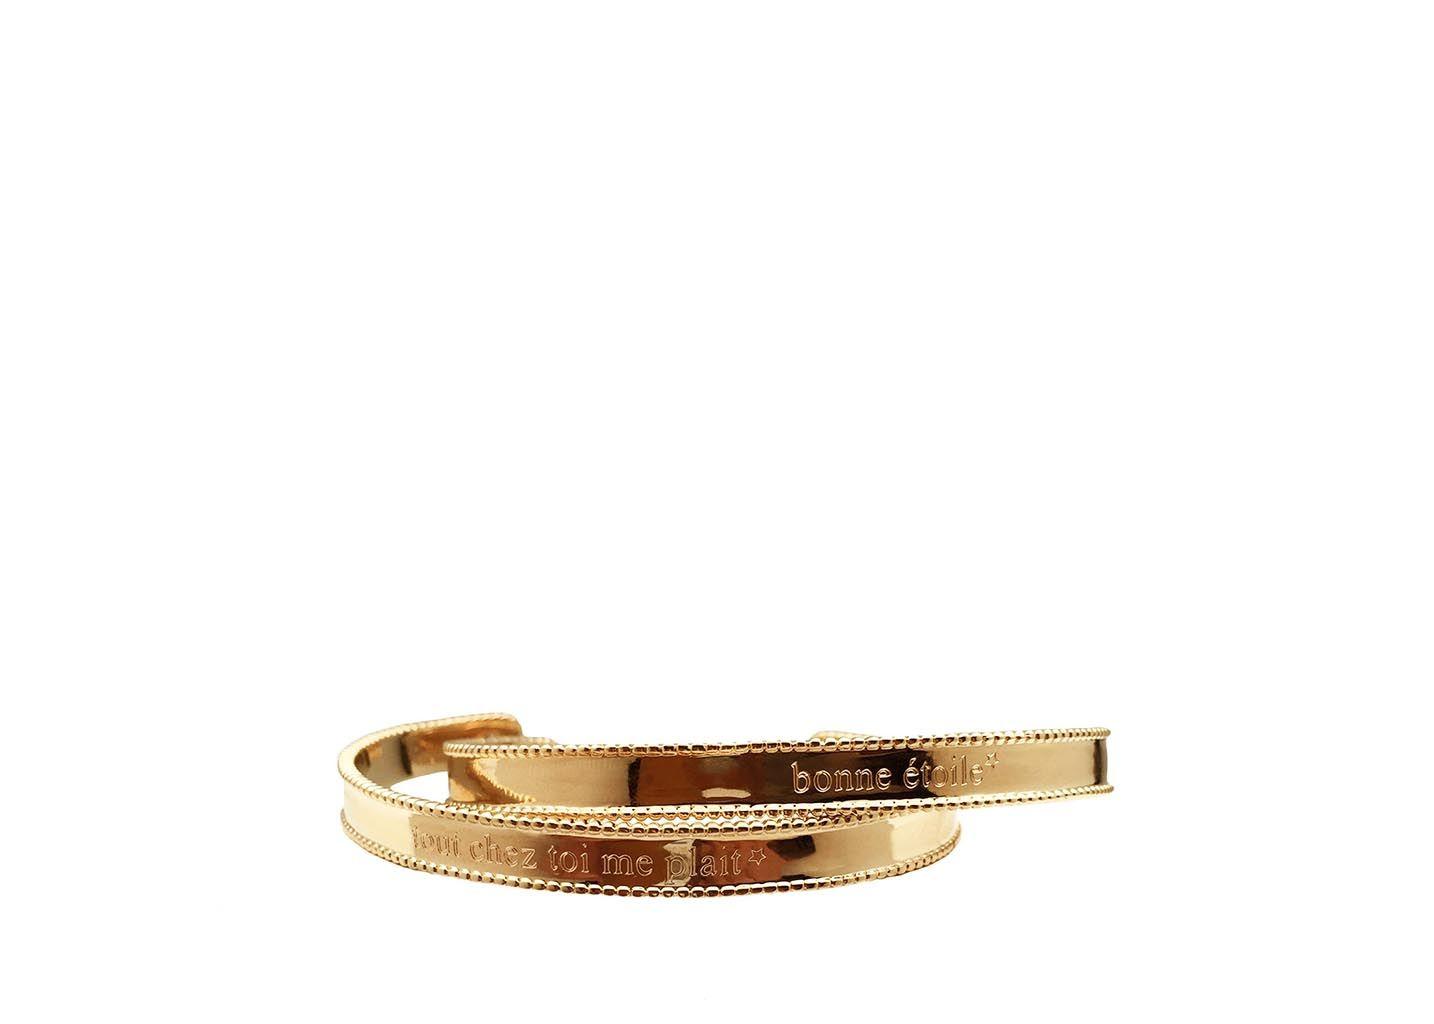 Bracelet Bonne Etoile - Delphine Pariente